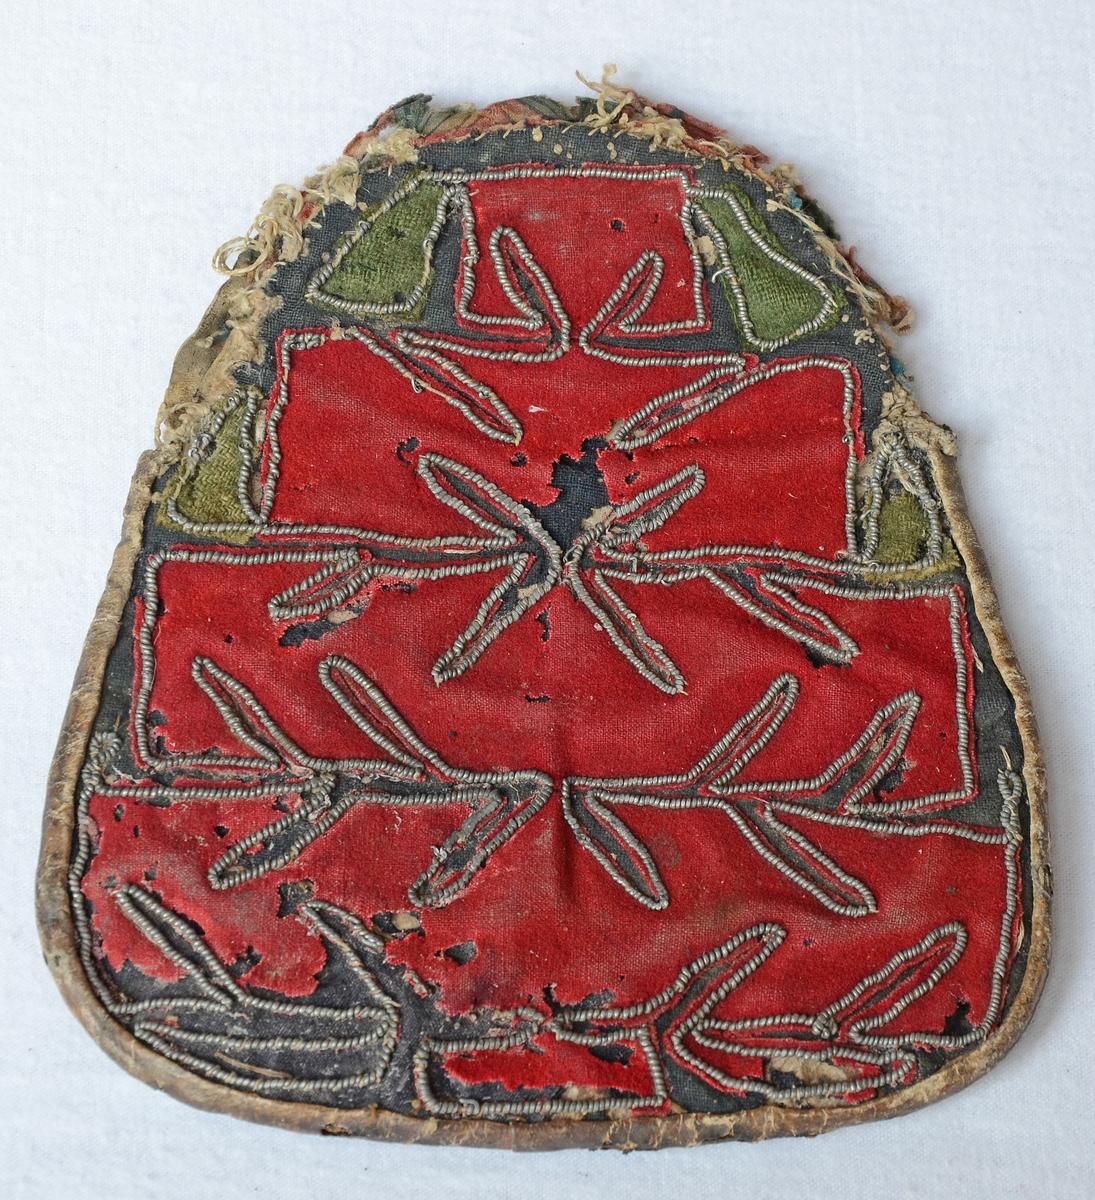 Kjolväska med applikationer i rött och grönt,  kantat med tenntråd, på svart botten. Baksida av skinn. Fodrad med tryckt bomullskattun och grovt linne.